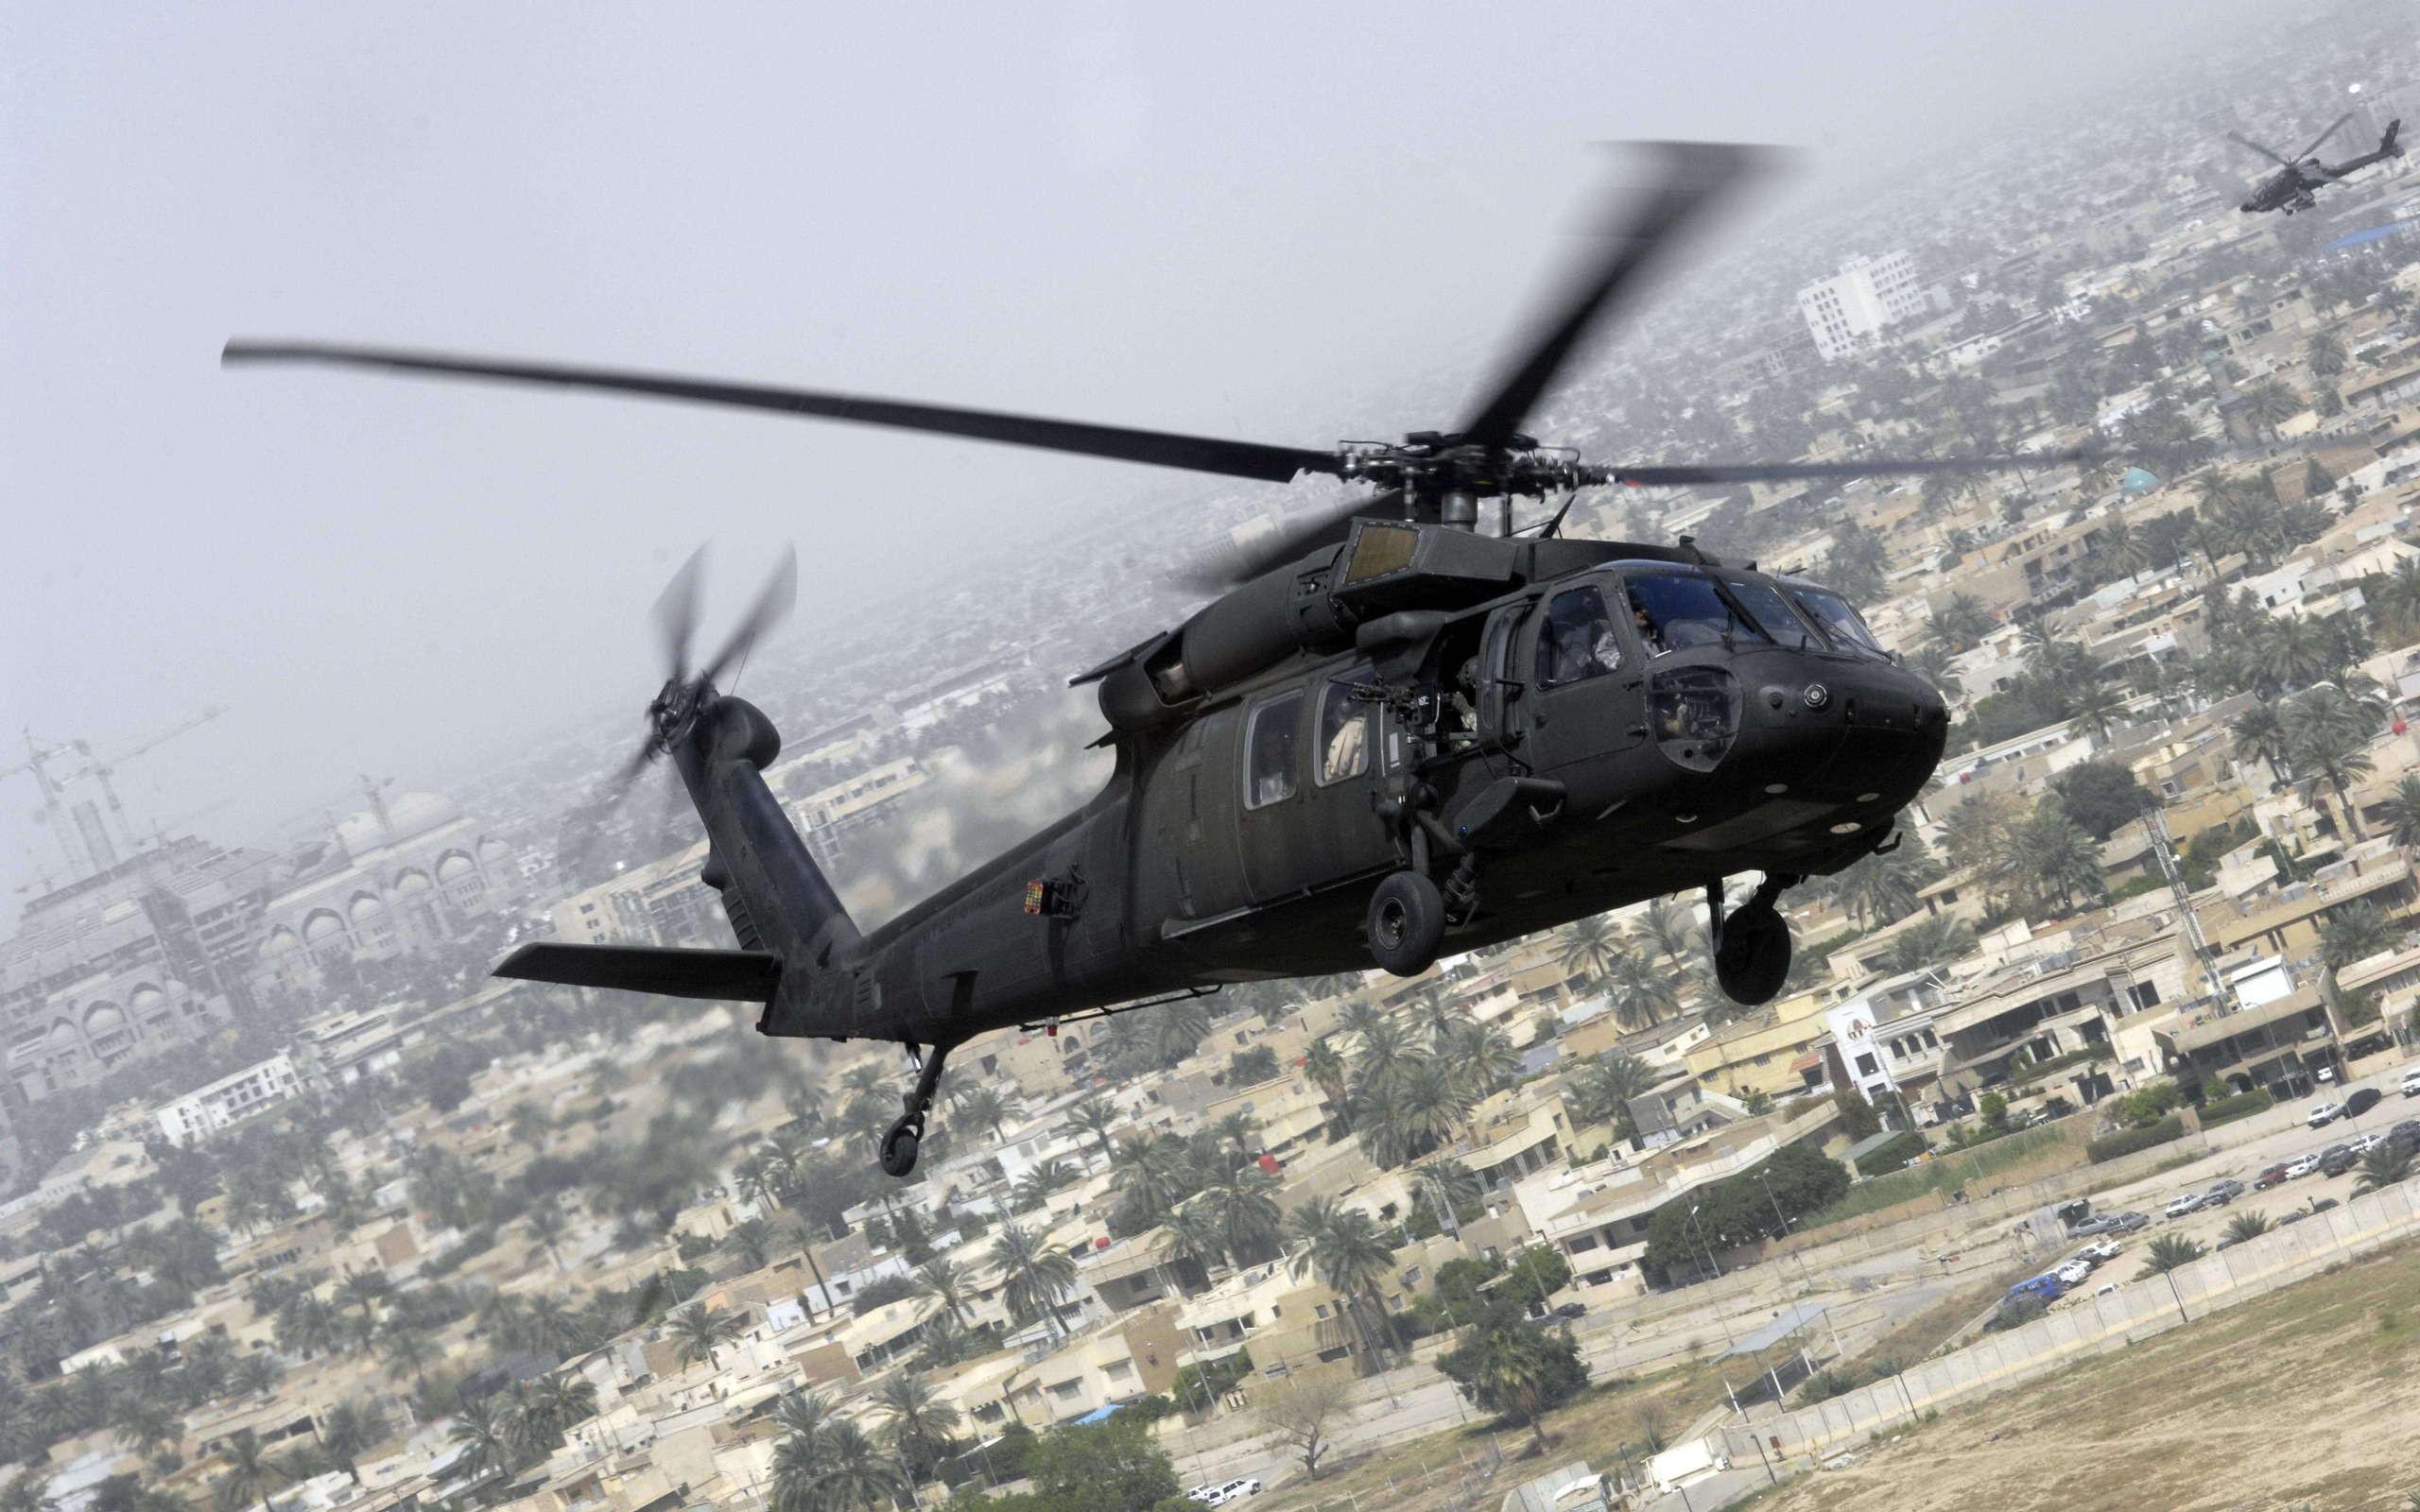 Helicoptero Hd Fondos De Escritorio: Sikorsky UH-60 Black Hawk Full HD Fondo De Pantalla And